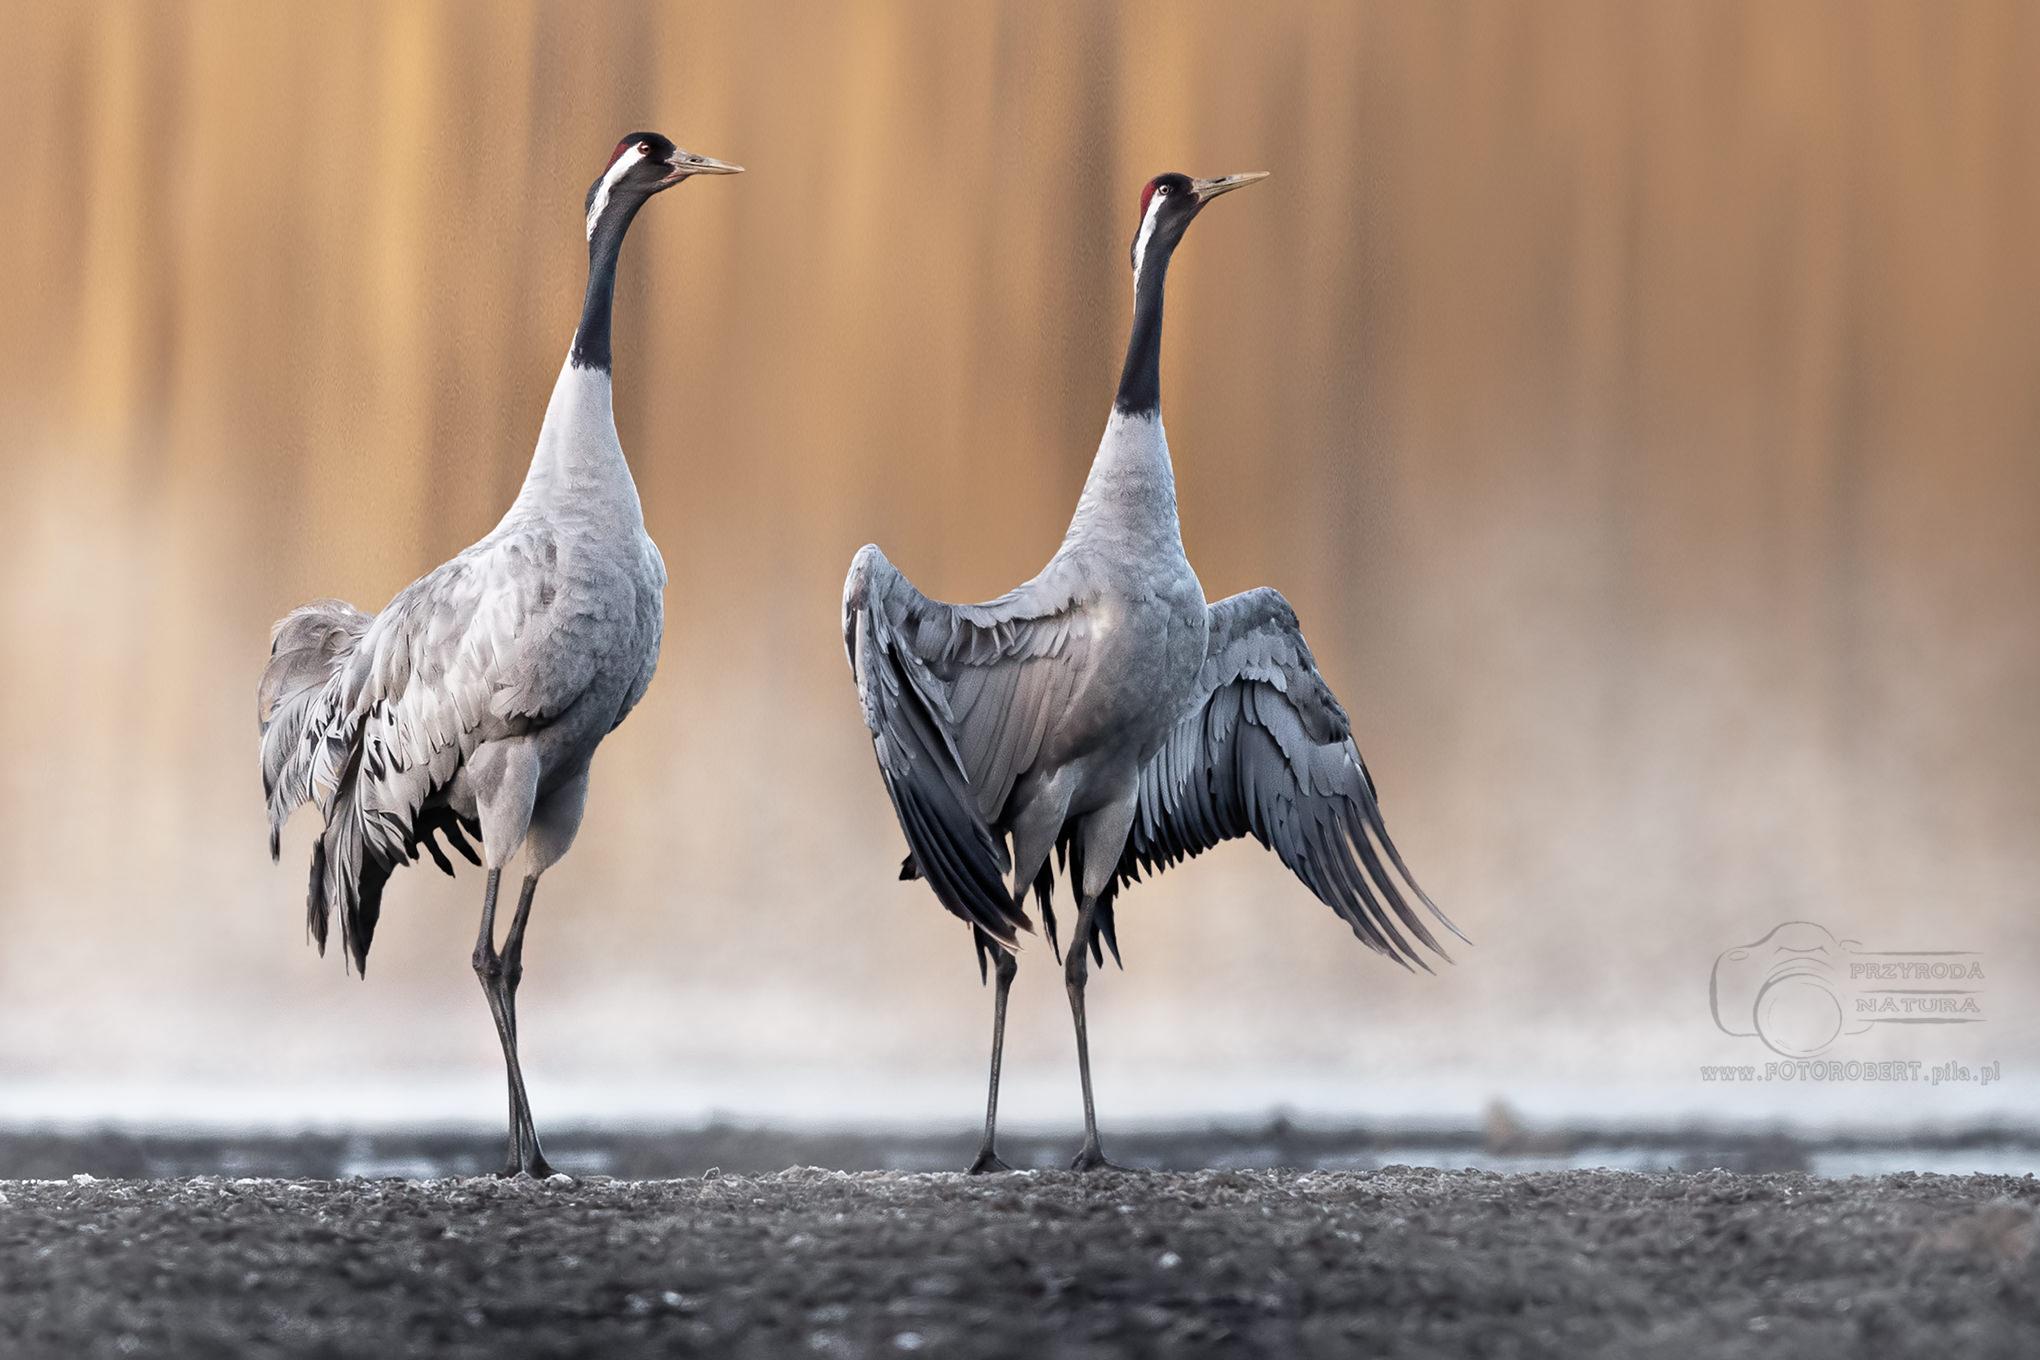 żuraw Ptak drapieżny fotografia przyrodnicza Piła